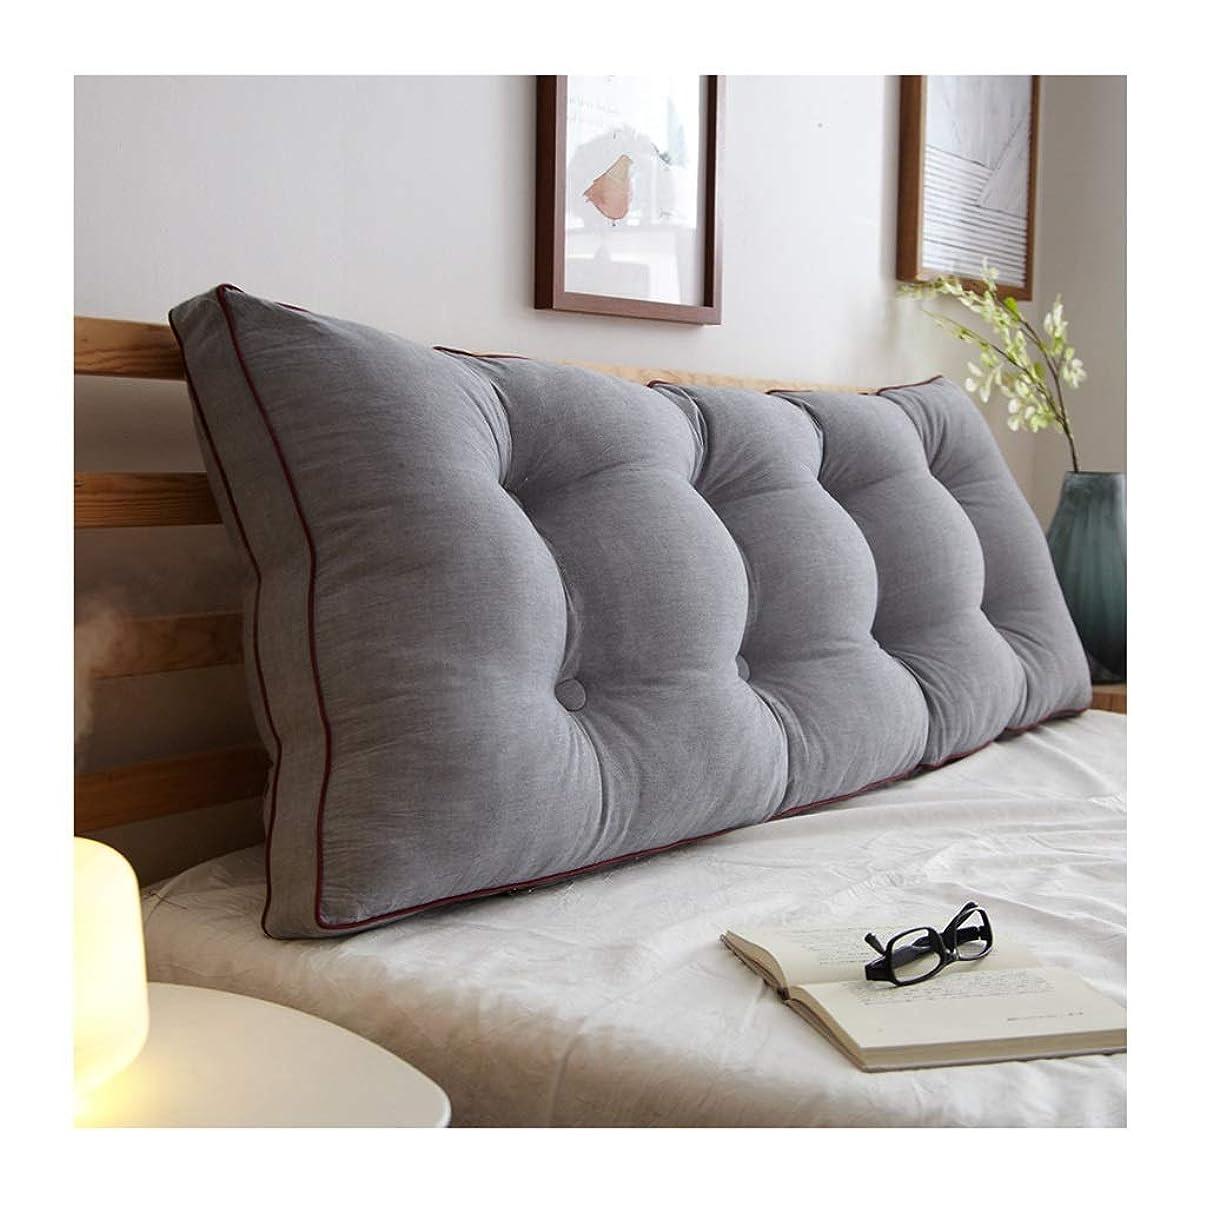 統合引くヒューバートハドソン2J-QingYun Trade PILLOWS実用的なオフィスのベッドサイドのソファーウエストクッションベッドソフトパック三角枕寝室大型背もたれクッションコットン長方形Dddlt-枕とクッション (Color : E, サイズ : 100cm)